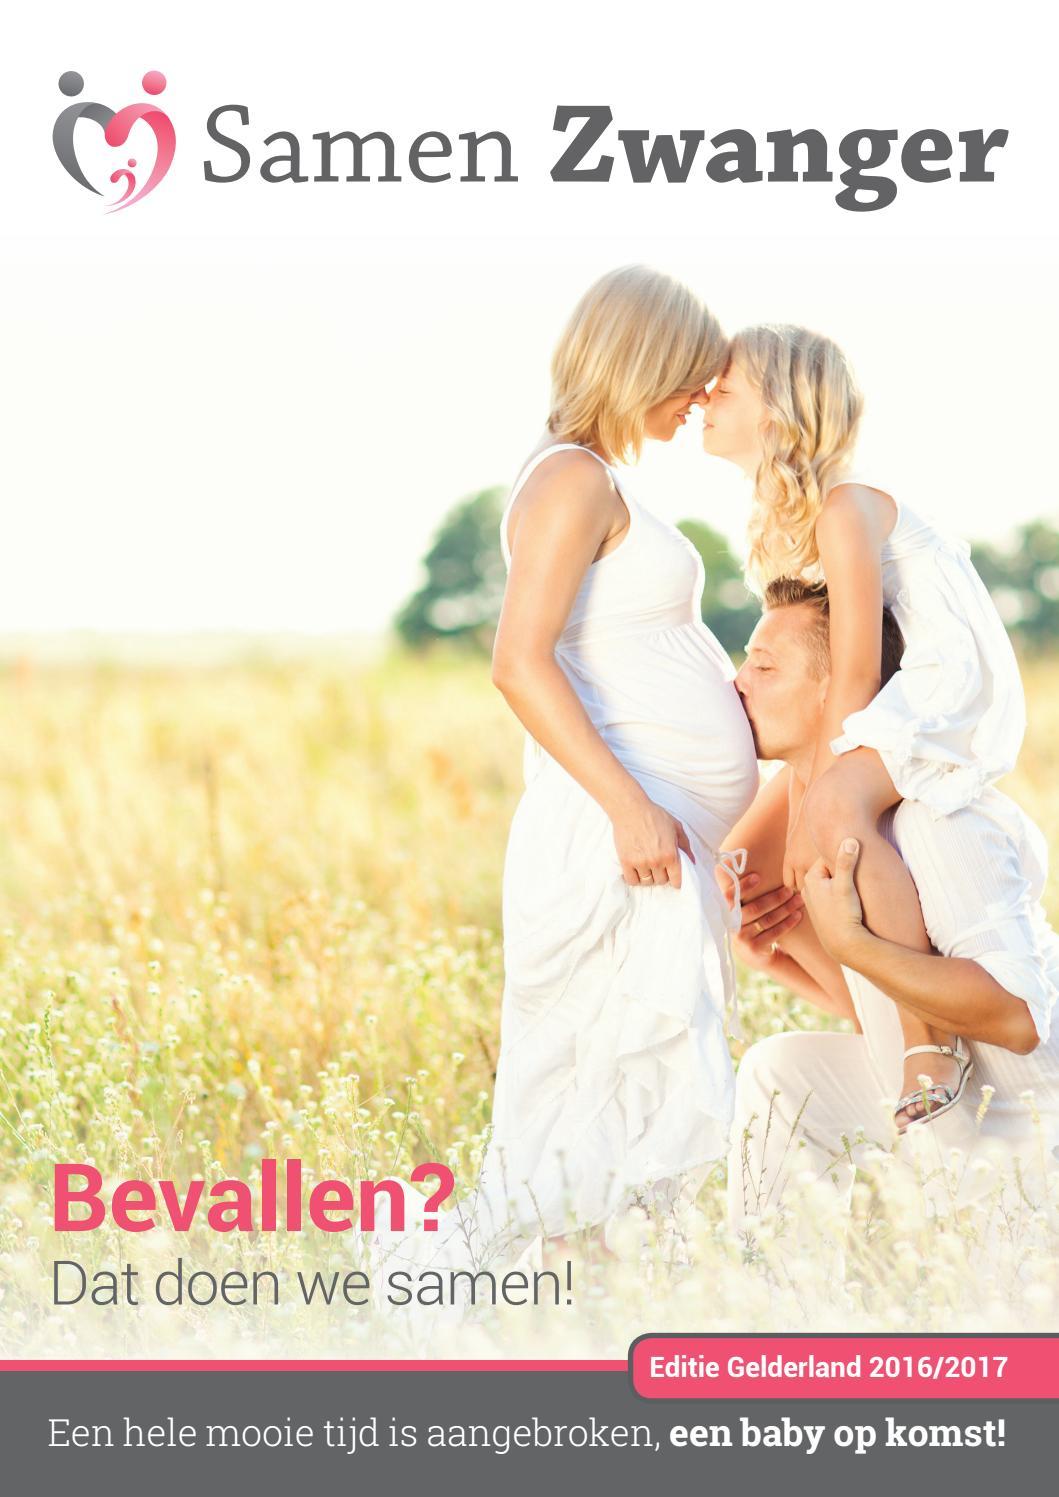 sz0003 samen zwanger magazine gelderland (voorbeeld)gericht